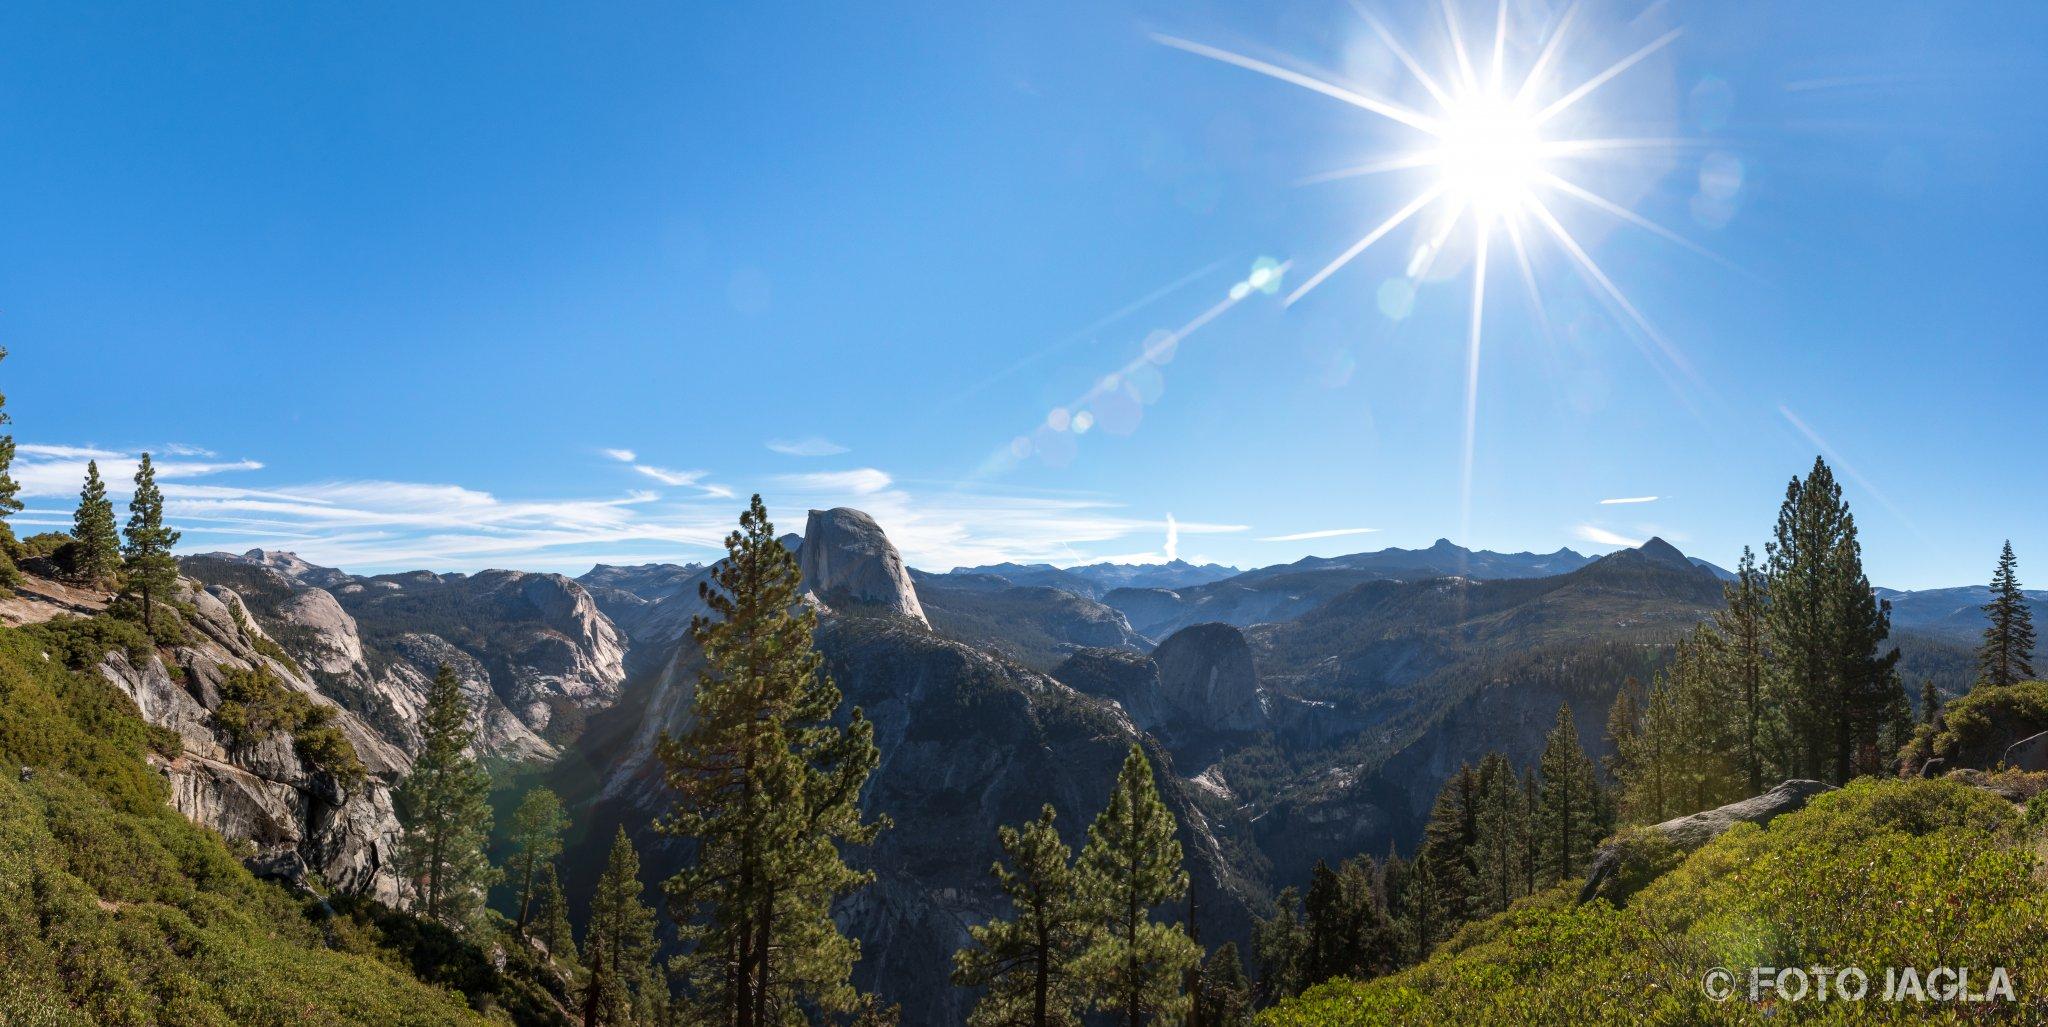 Kalifornien - September 2018 Aussicht vom Glacier Point Yosemite National Park - Yosemite Valley, Mariposa Country